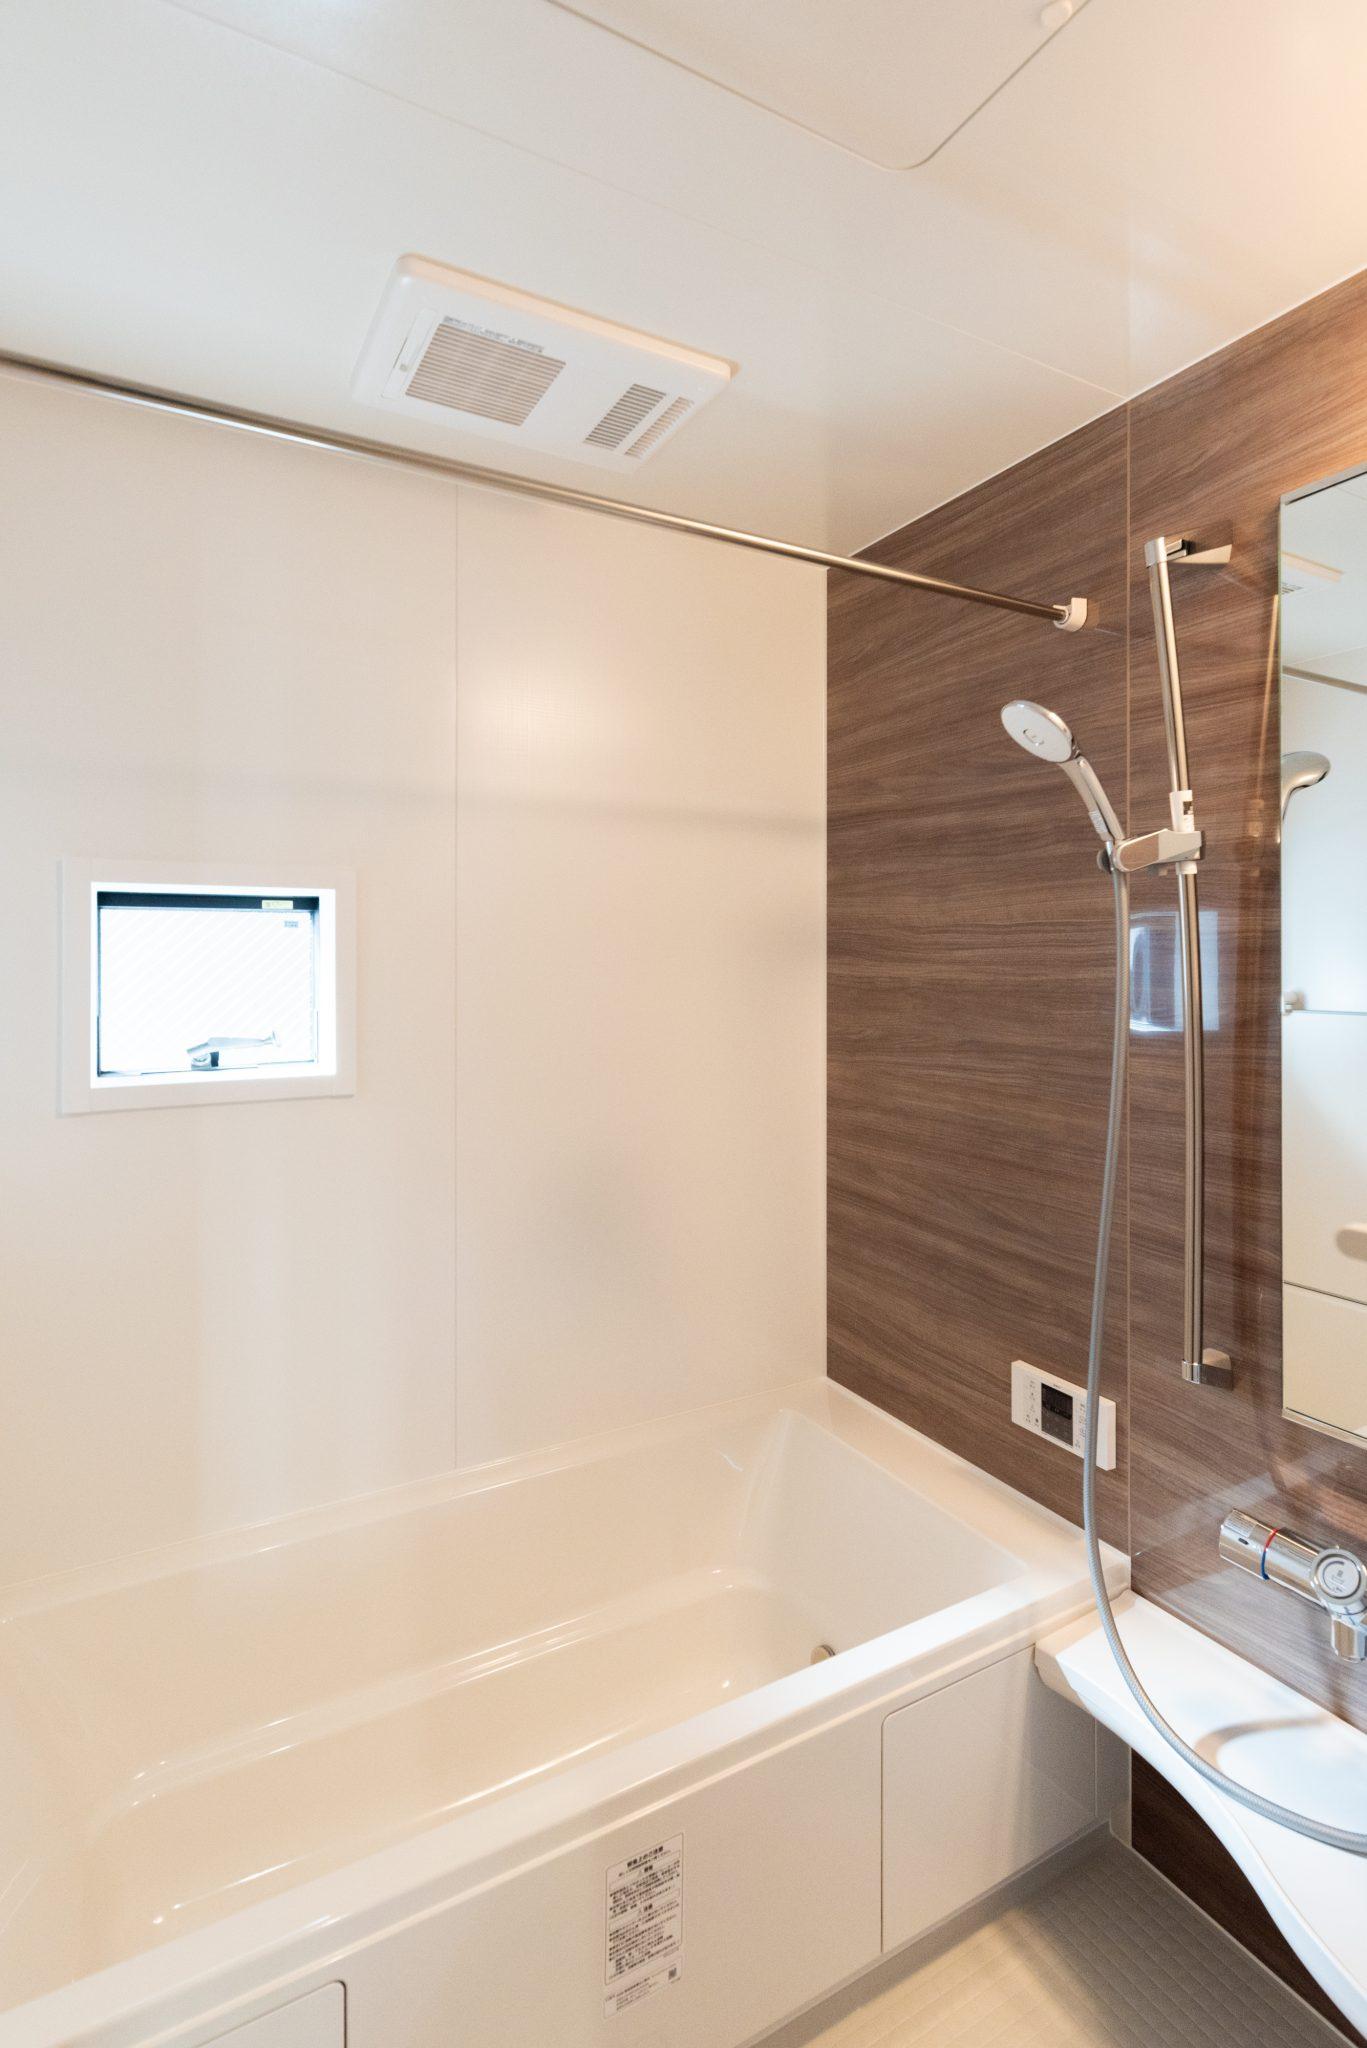 バスルームにはLIXIL社製の「Arise」を使用。